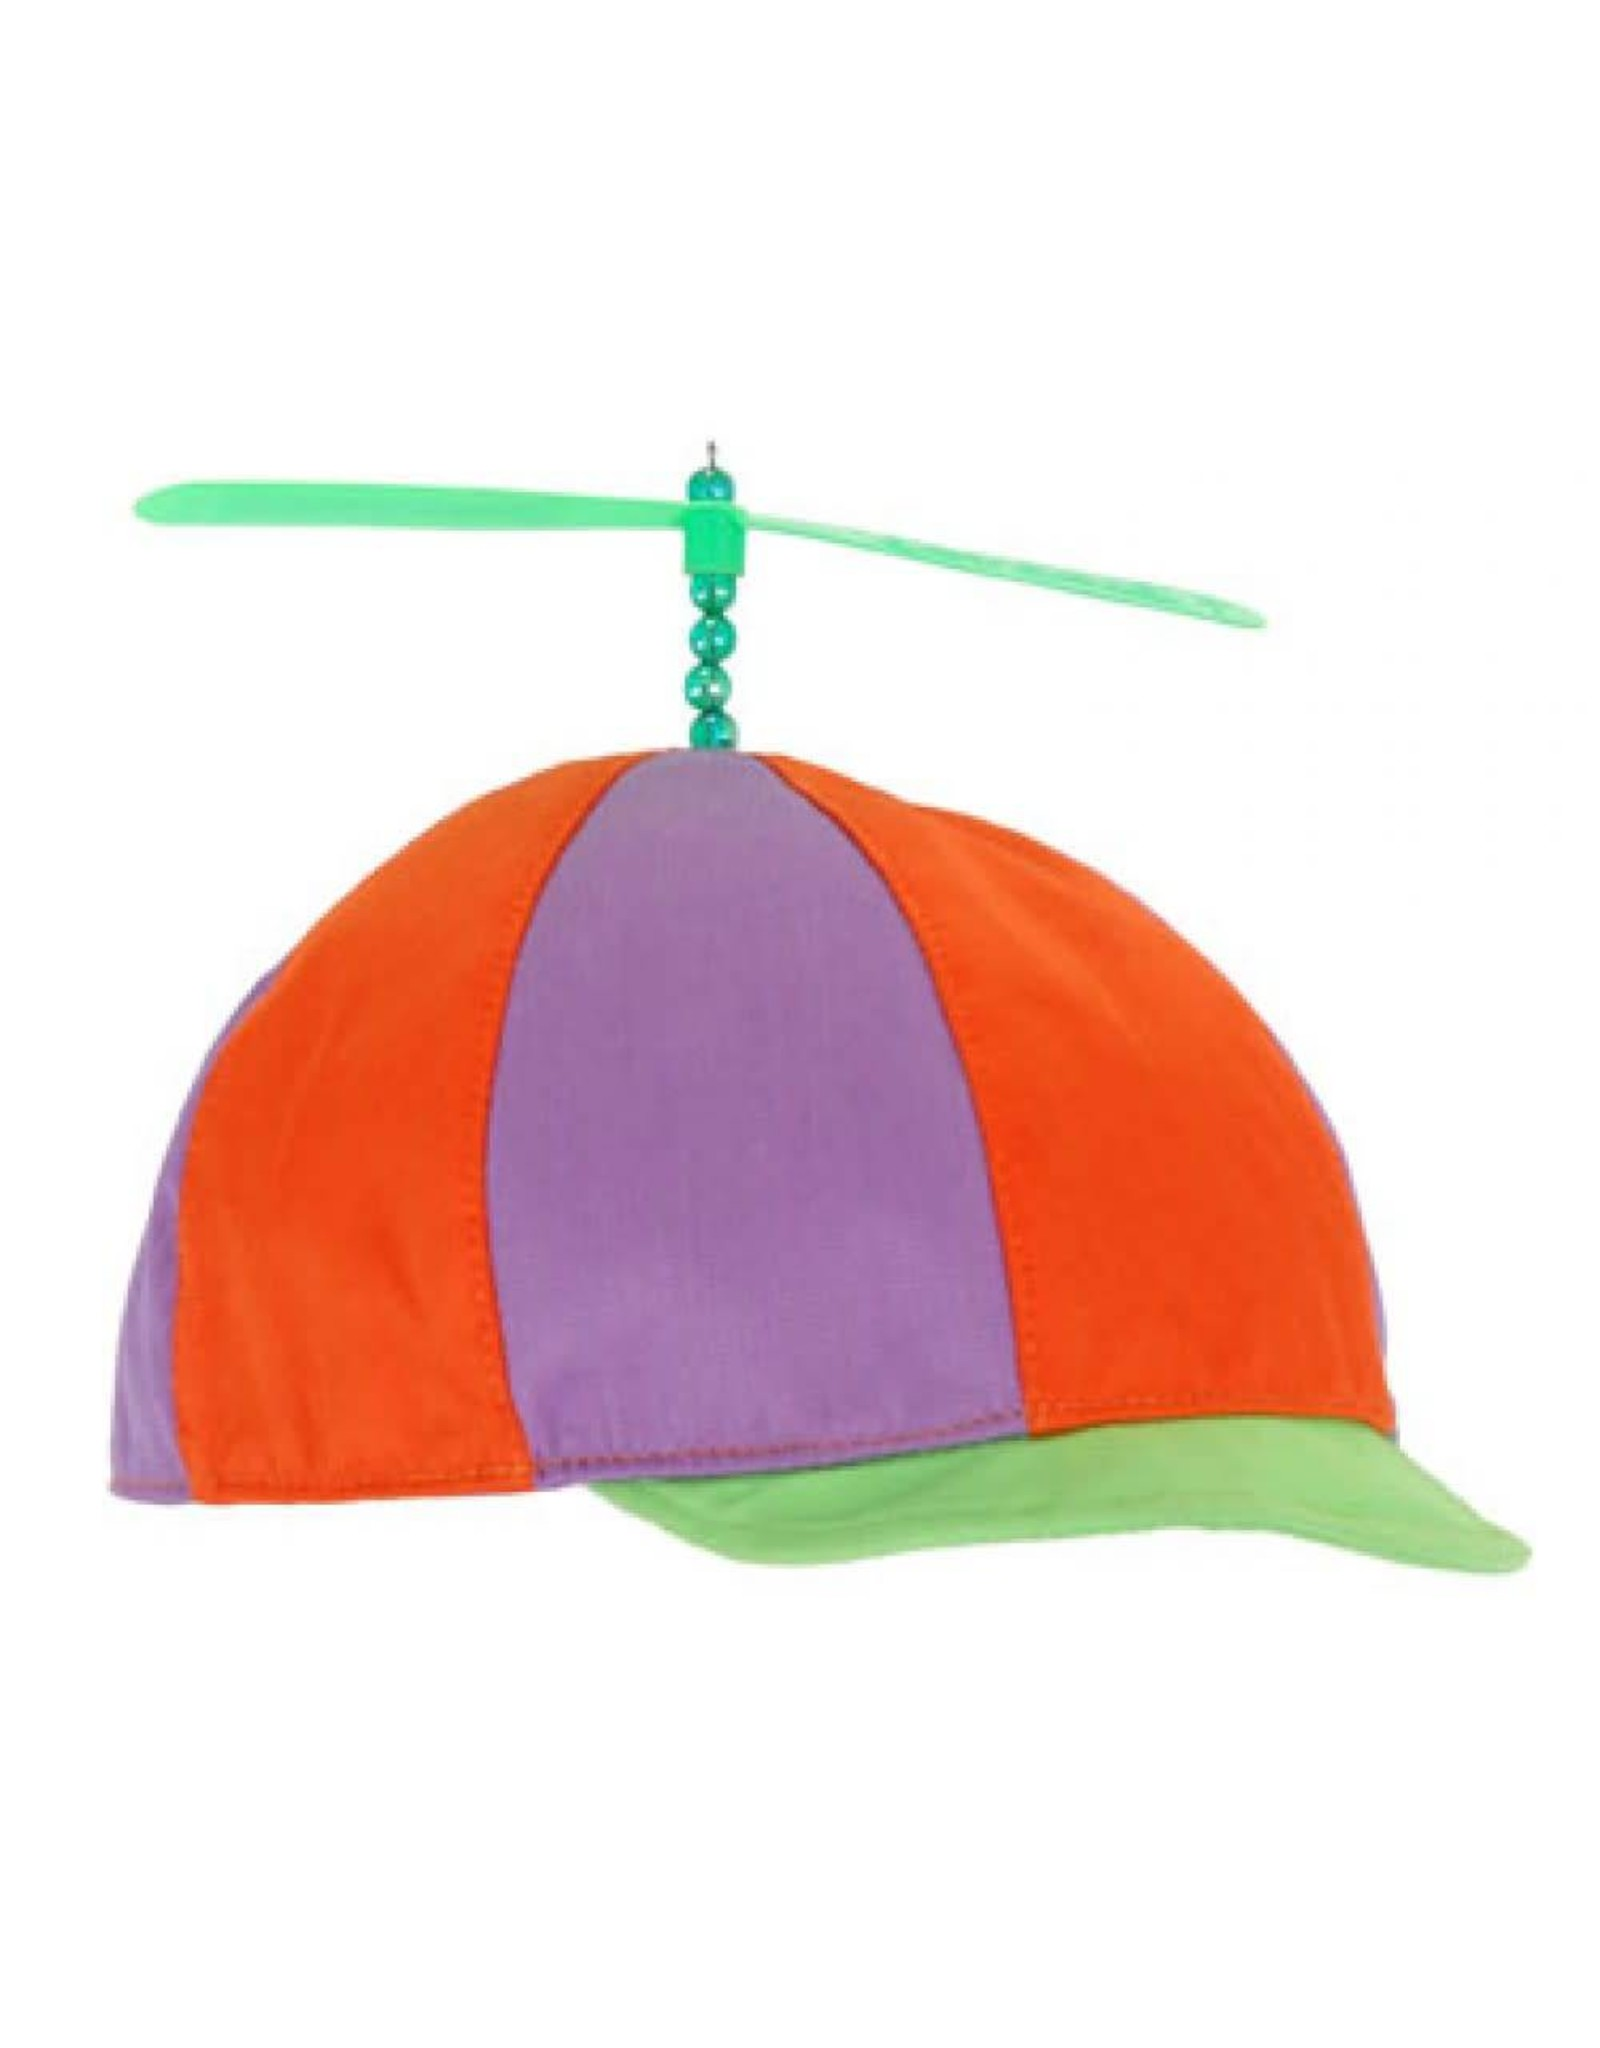 Elope Tweedledee Hat